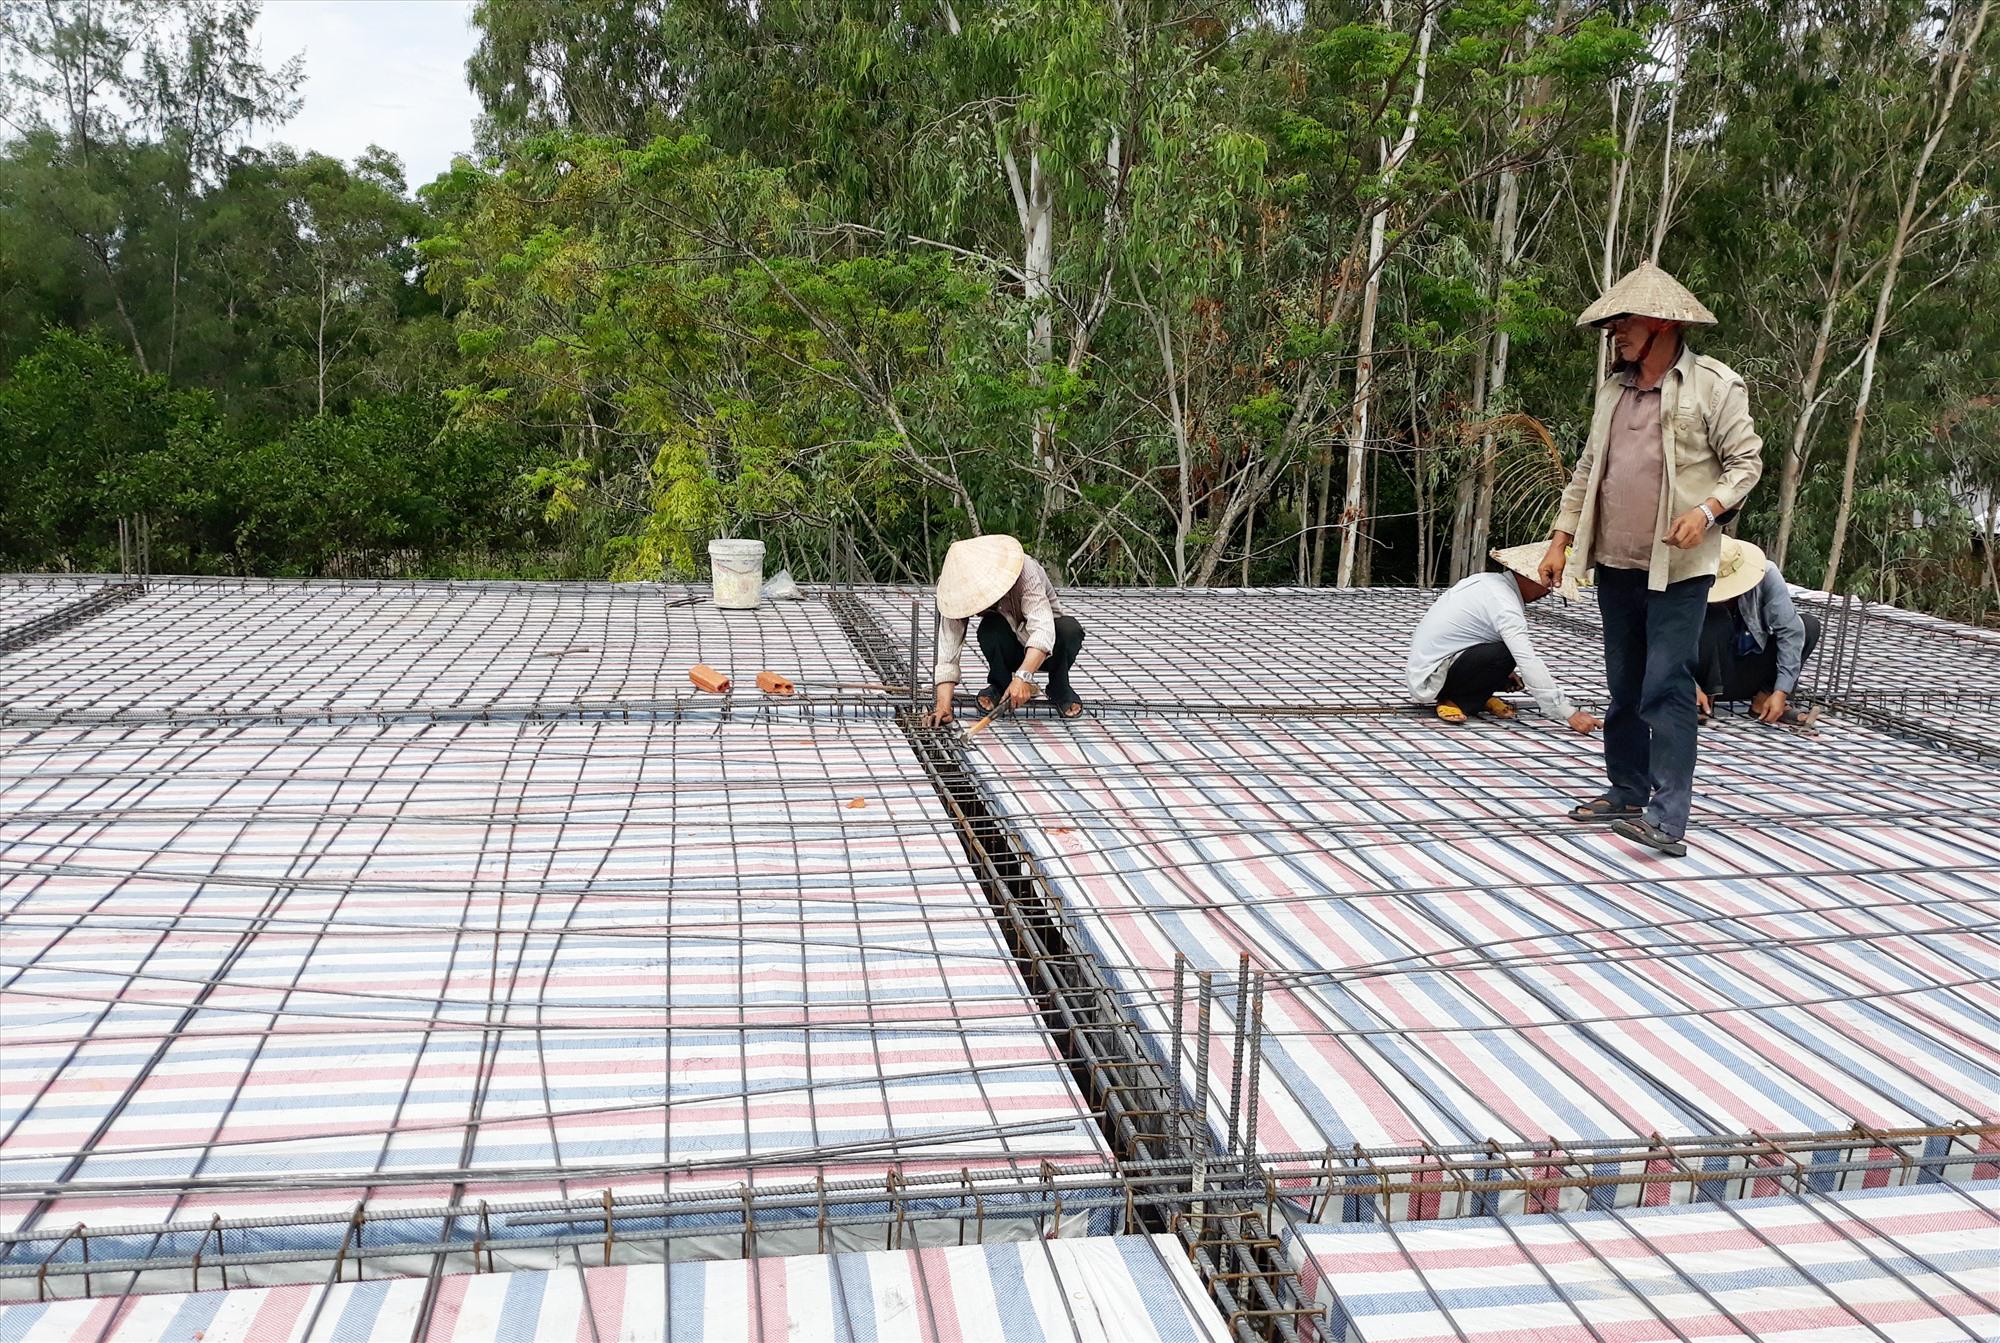 Giá nhân công xây dựng thực tế hiện nay cao hơn giá do tỉnh công bố. Ảnh: H.P